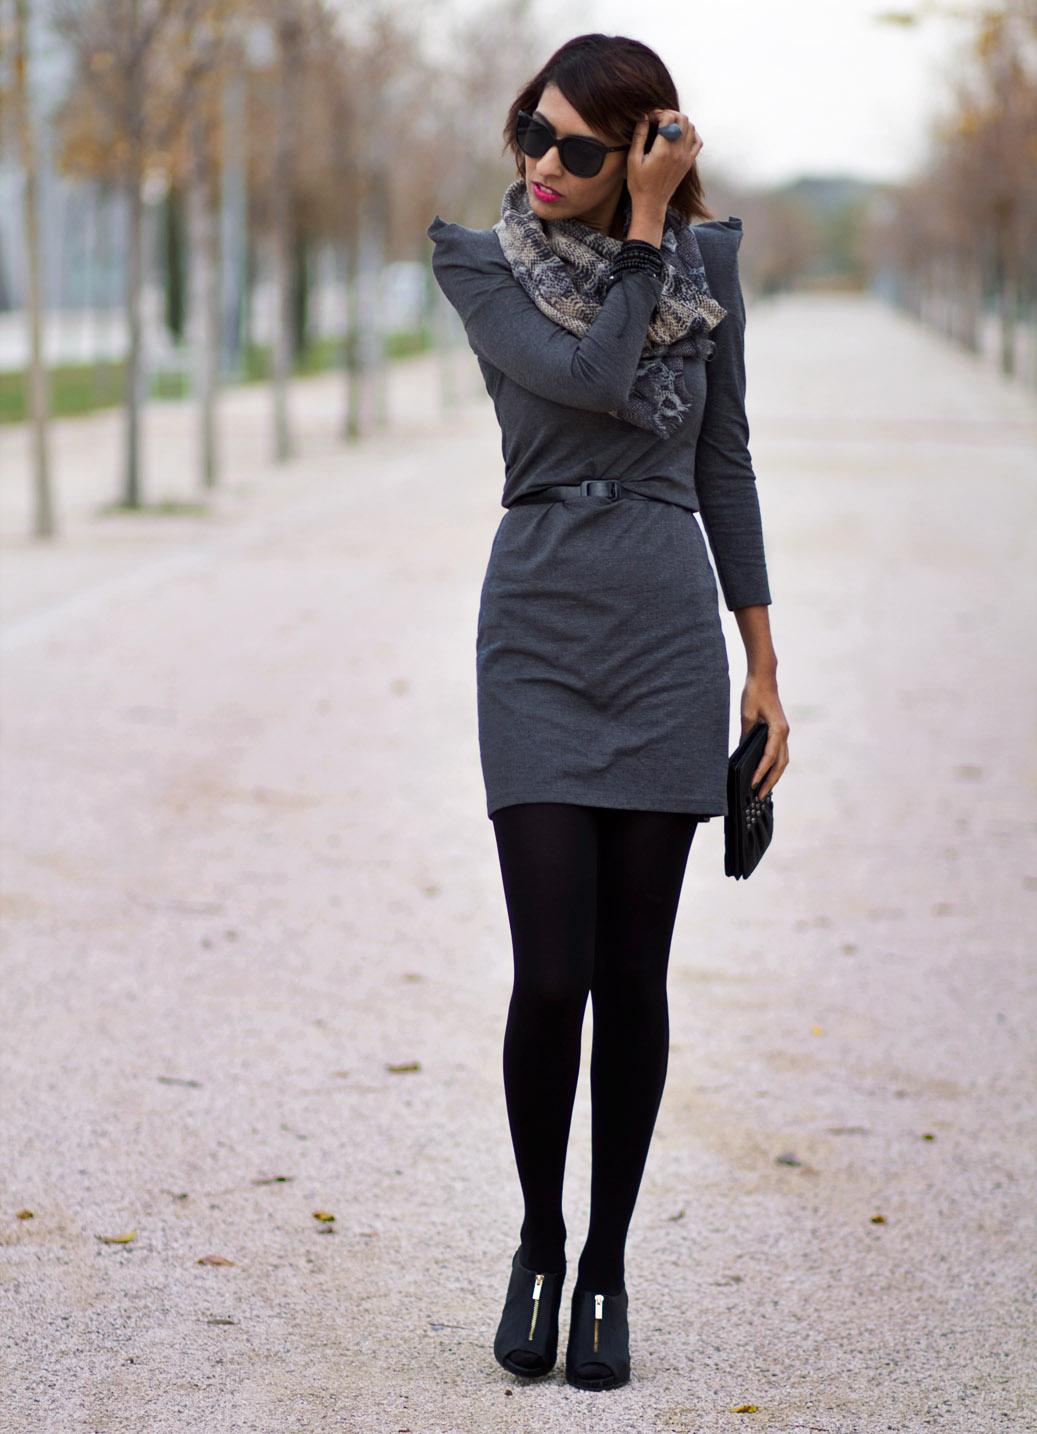 Sissy U00e0 La Mode Vestido Gris Toque Estampado Serpiente // Grey Dress With A Bit Of Snake Print